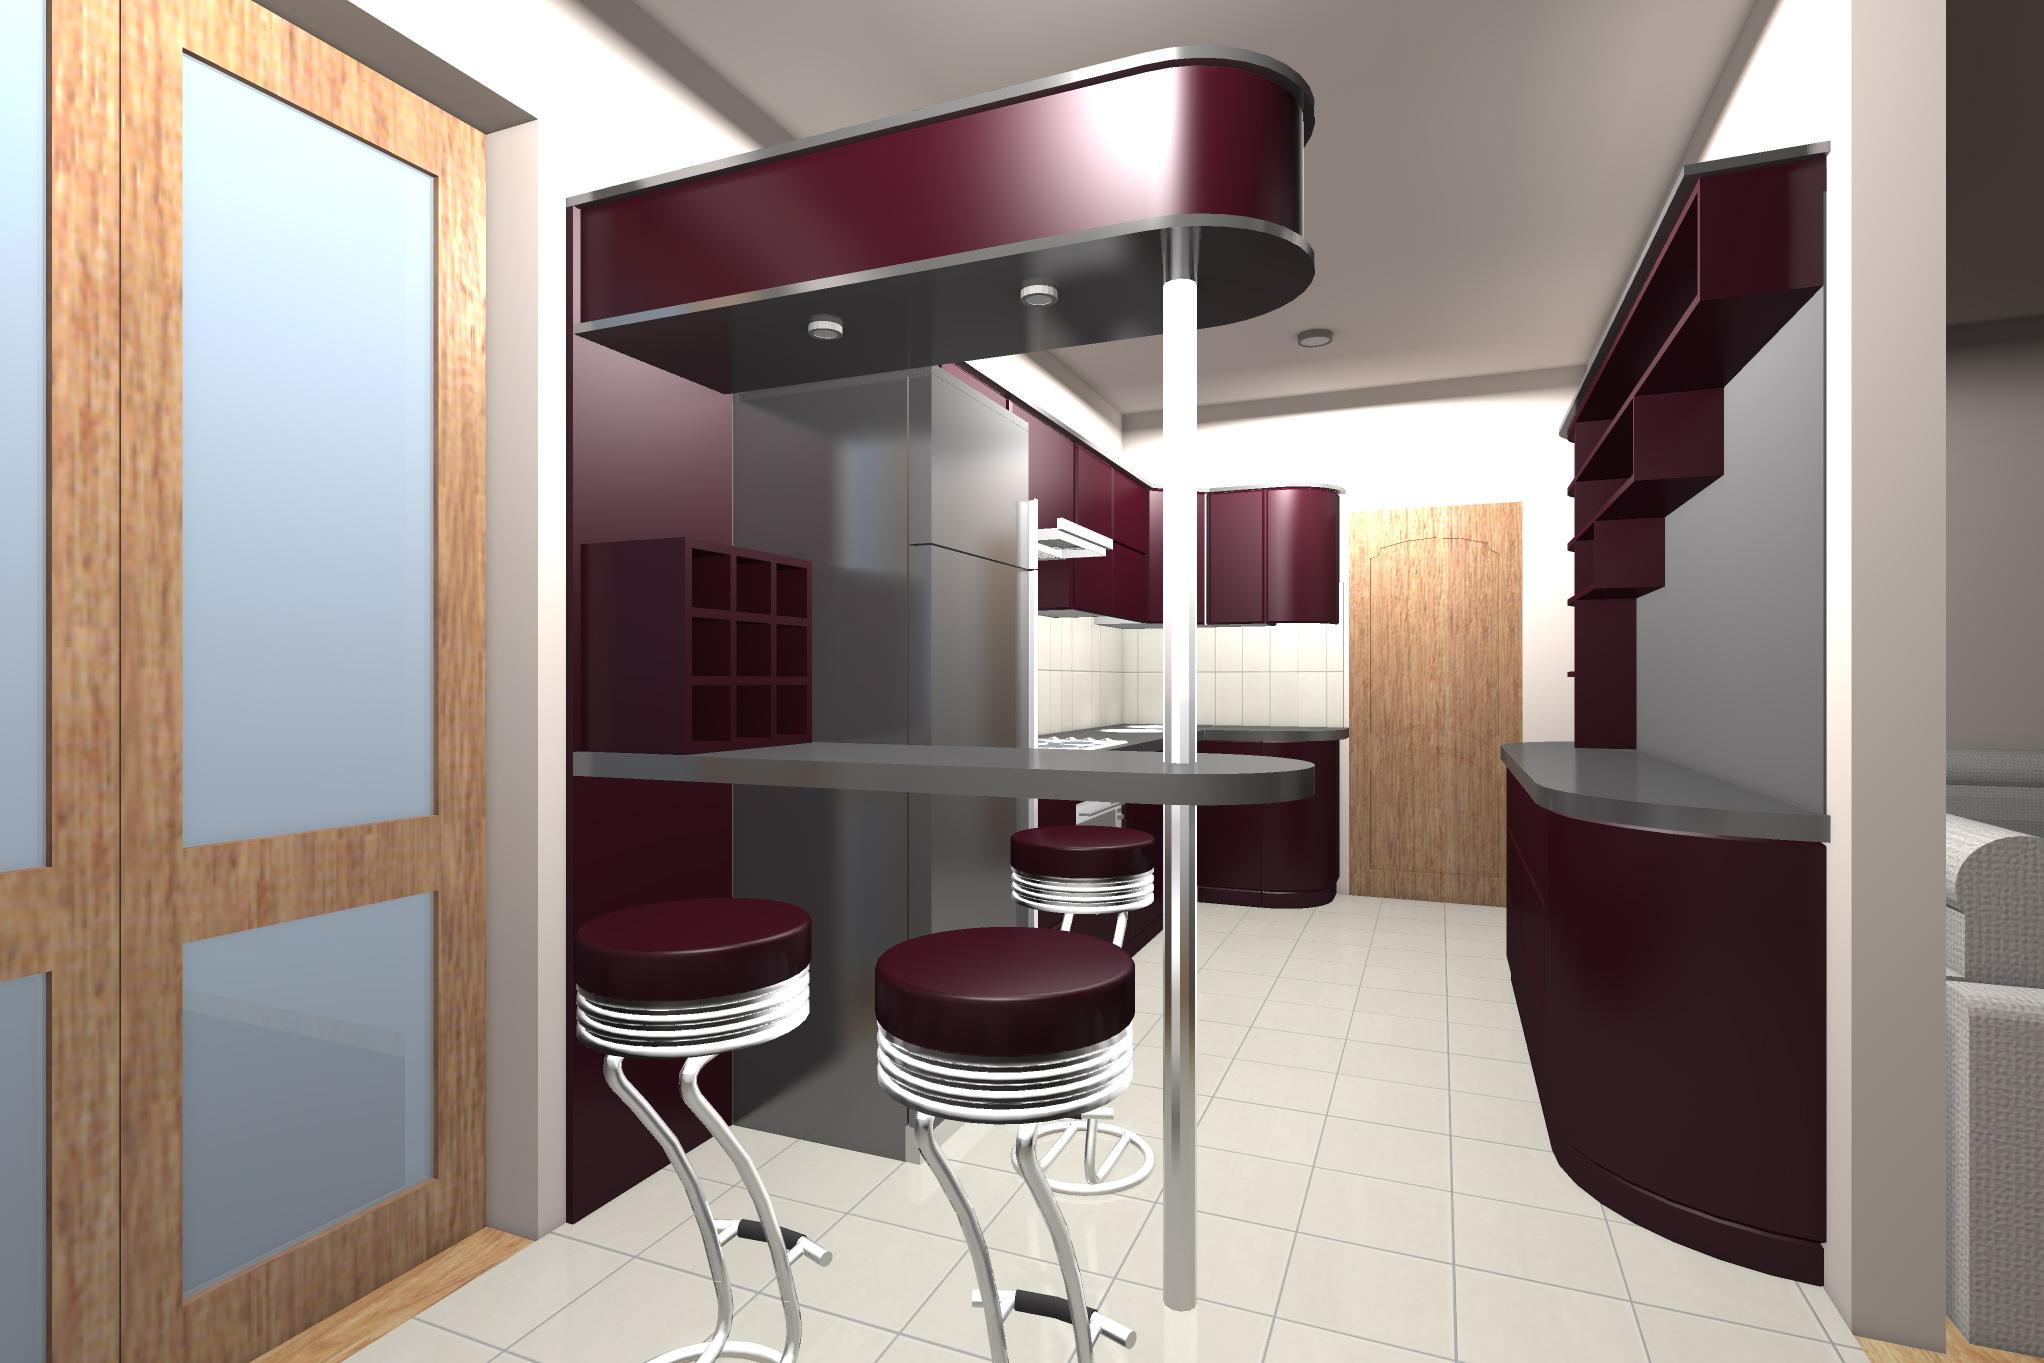 Проект мебелировки гостинного и кухни - 3